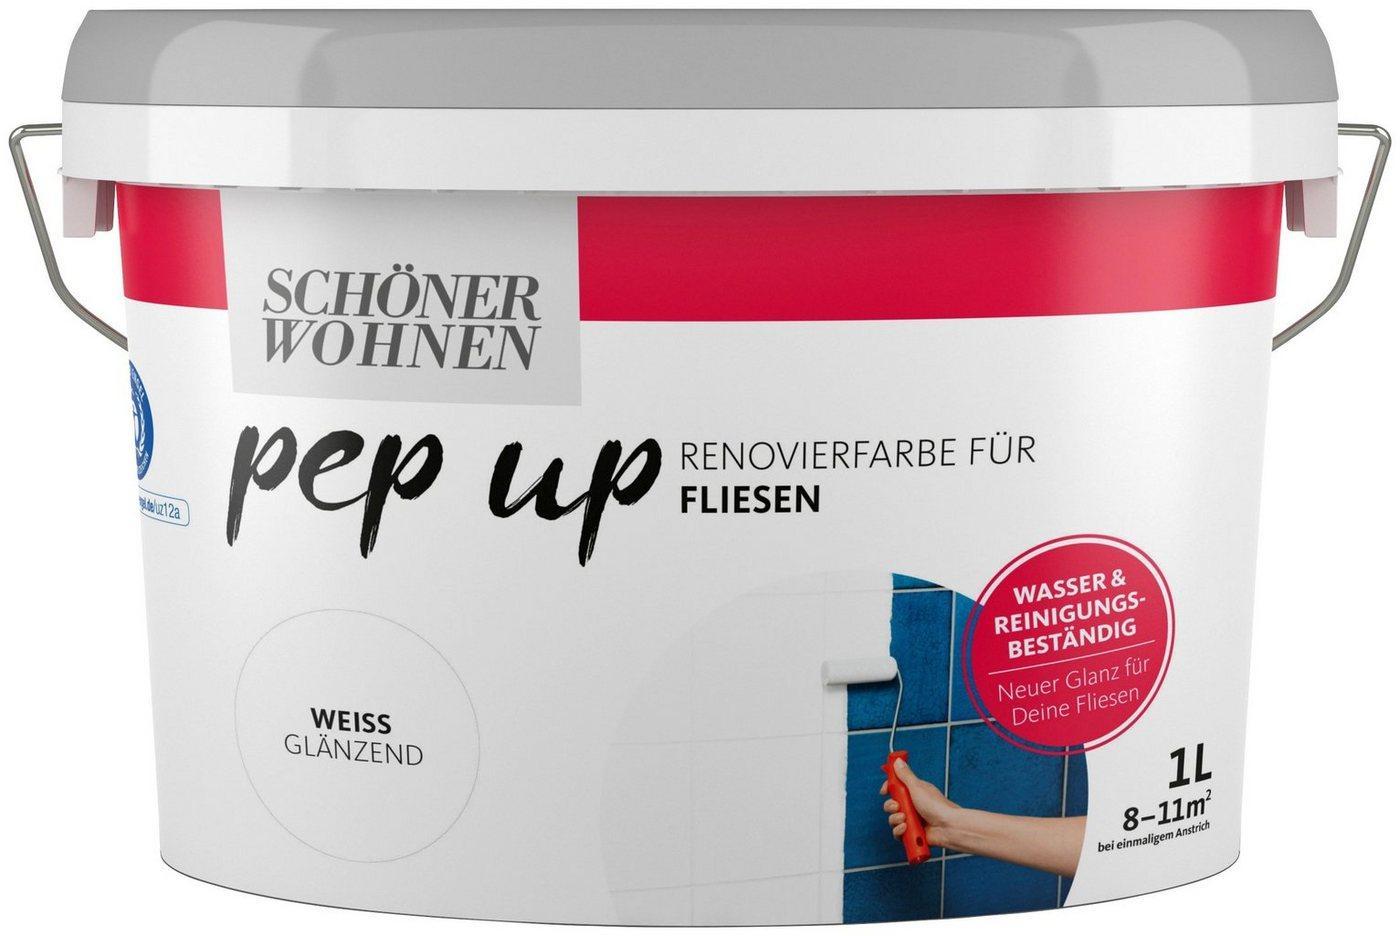 SCHÖNER WOHNEN-Kollektion Fliesenlack »pep up - weiß«, weiß glänzend, für Fliesen, 1 l